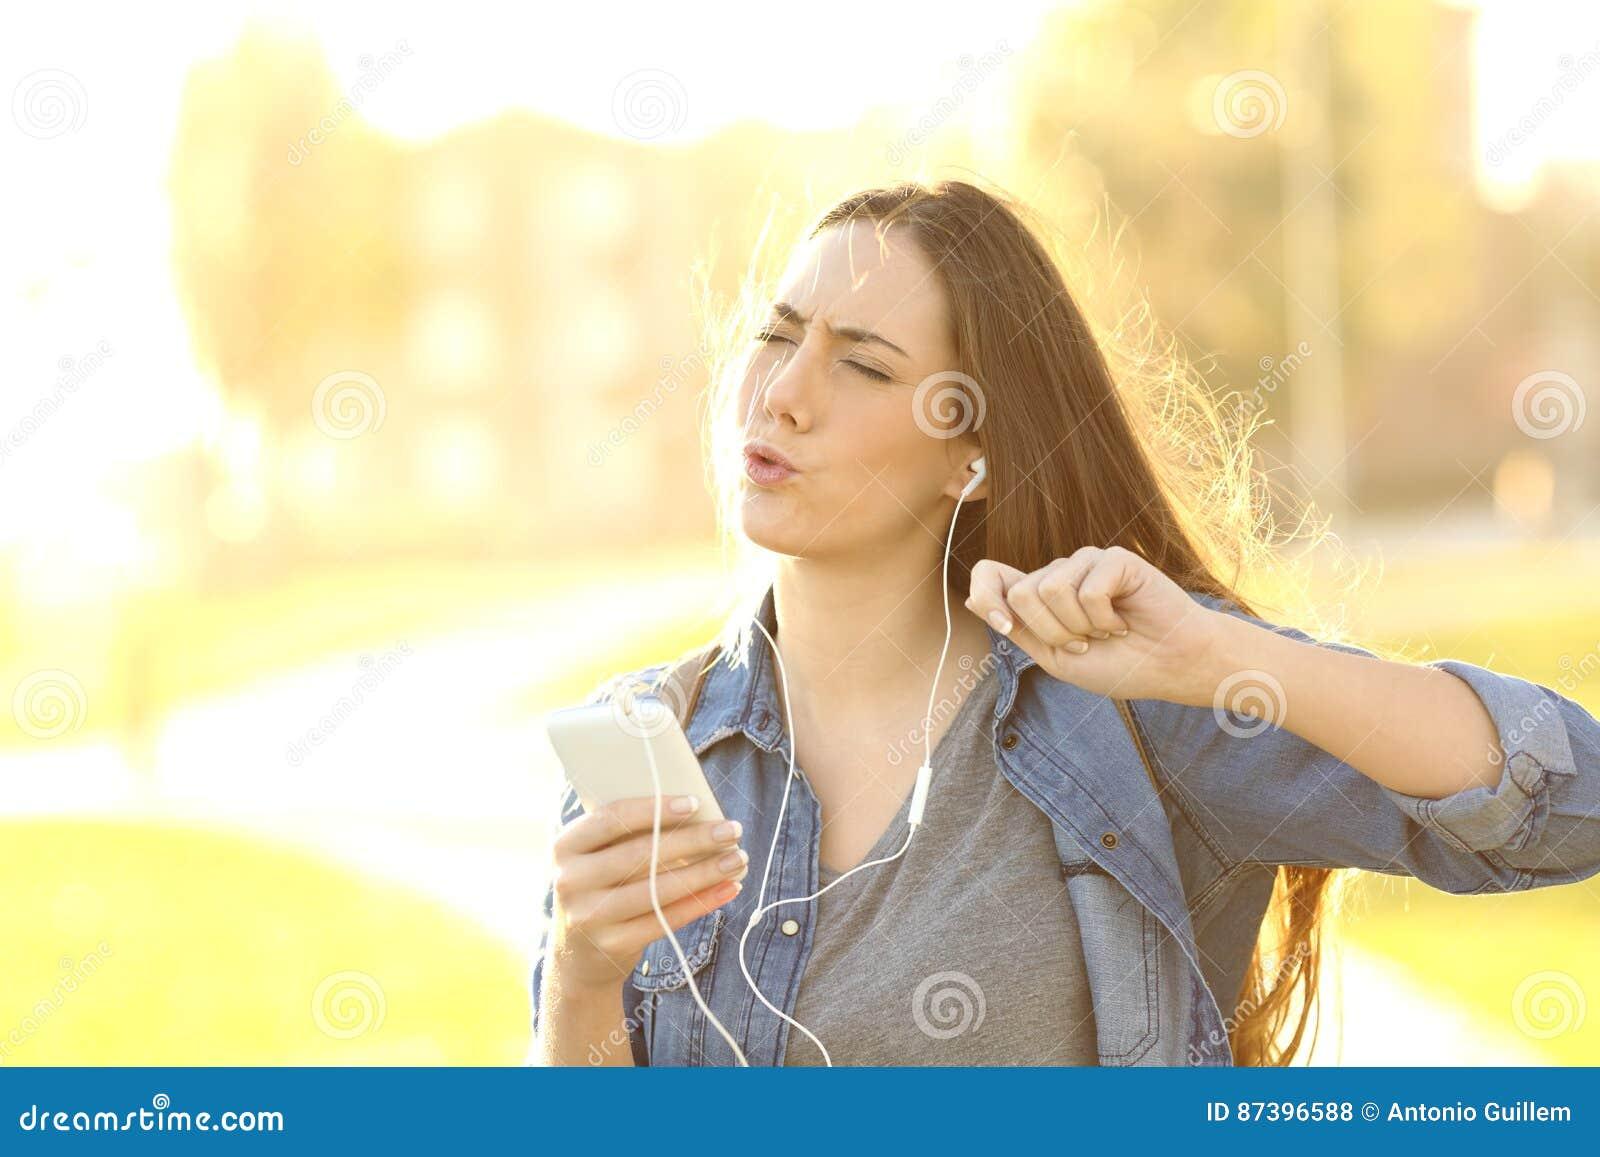 Lyssnande Musik För Glad Kvinna Från En Smart Telefon Arkivfoto ... ec60611982a7d